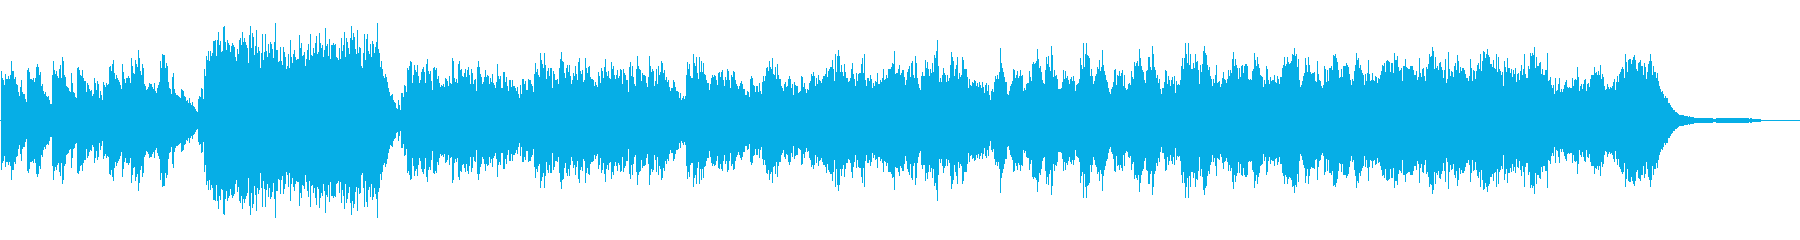 簡捷たる目眩の奏の再生済みの波形